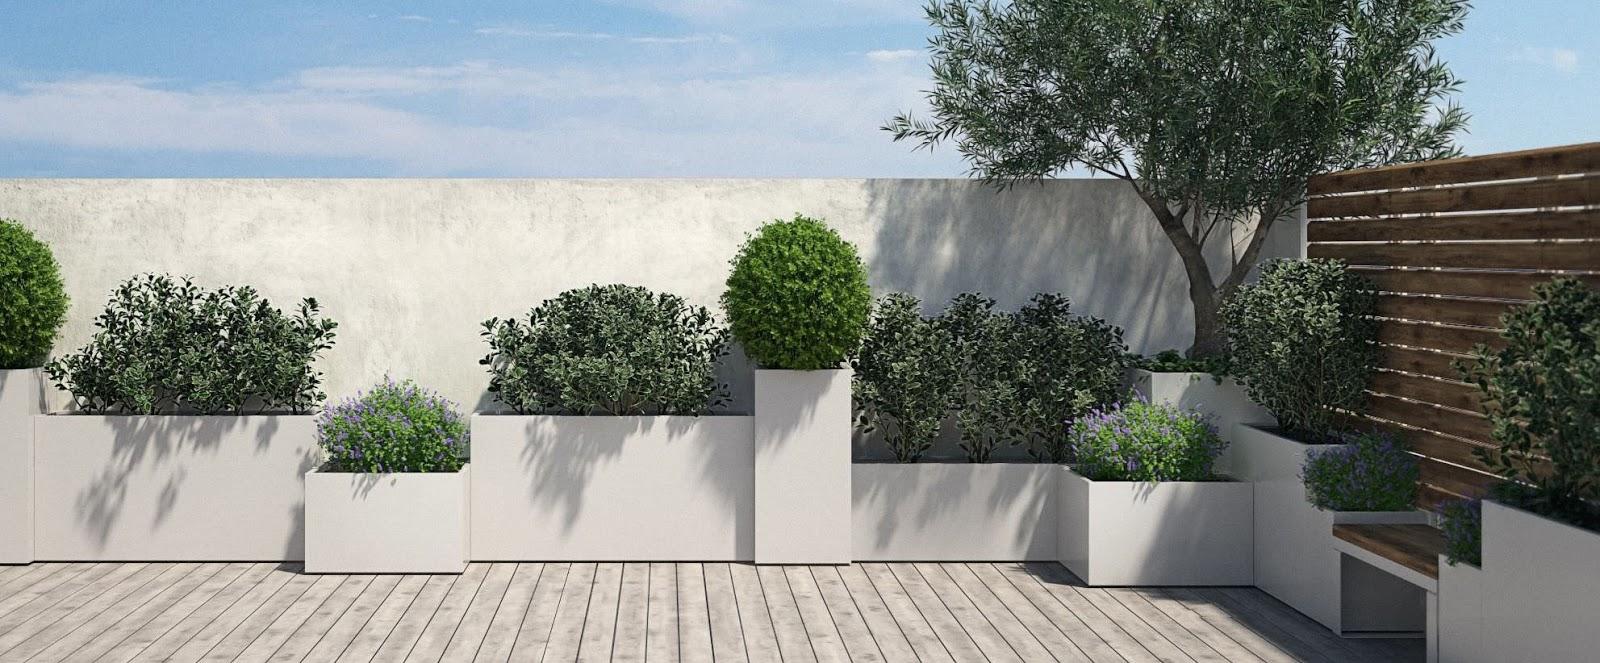 Progettare spazi verdi: Arredamento terrazzo: fioriere in acciaio ...